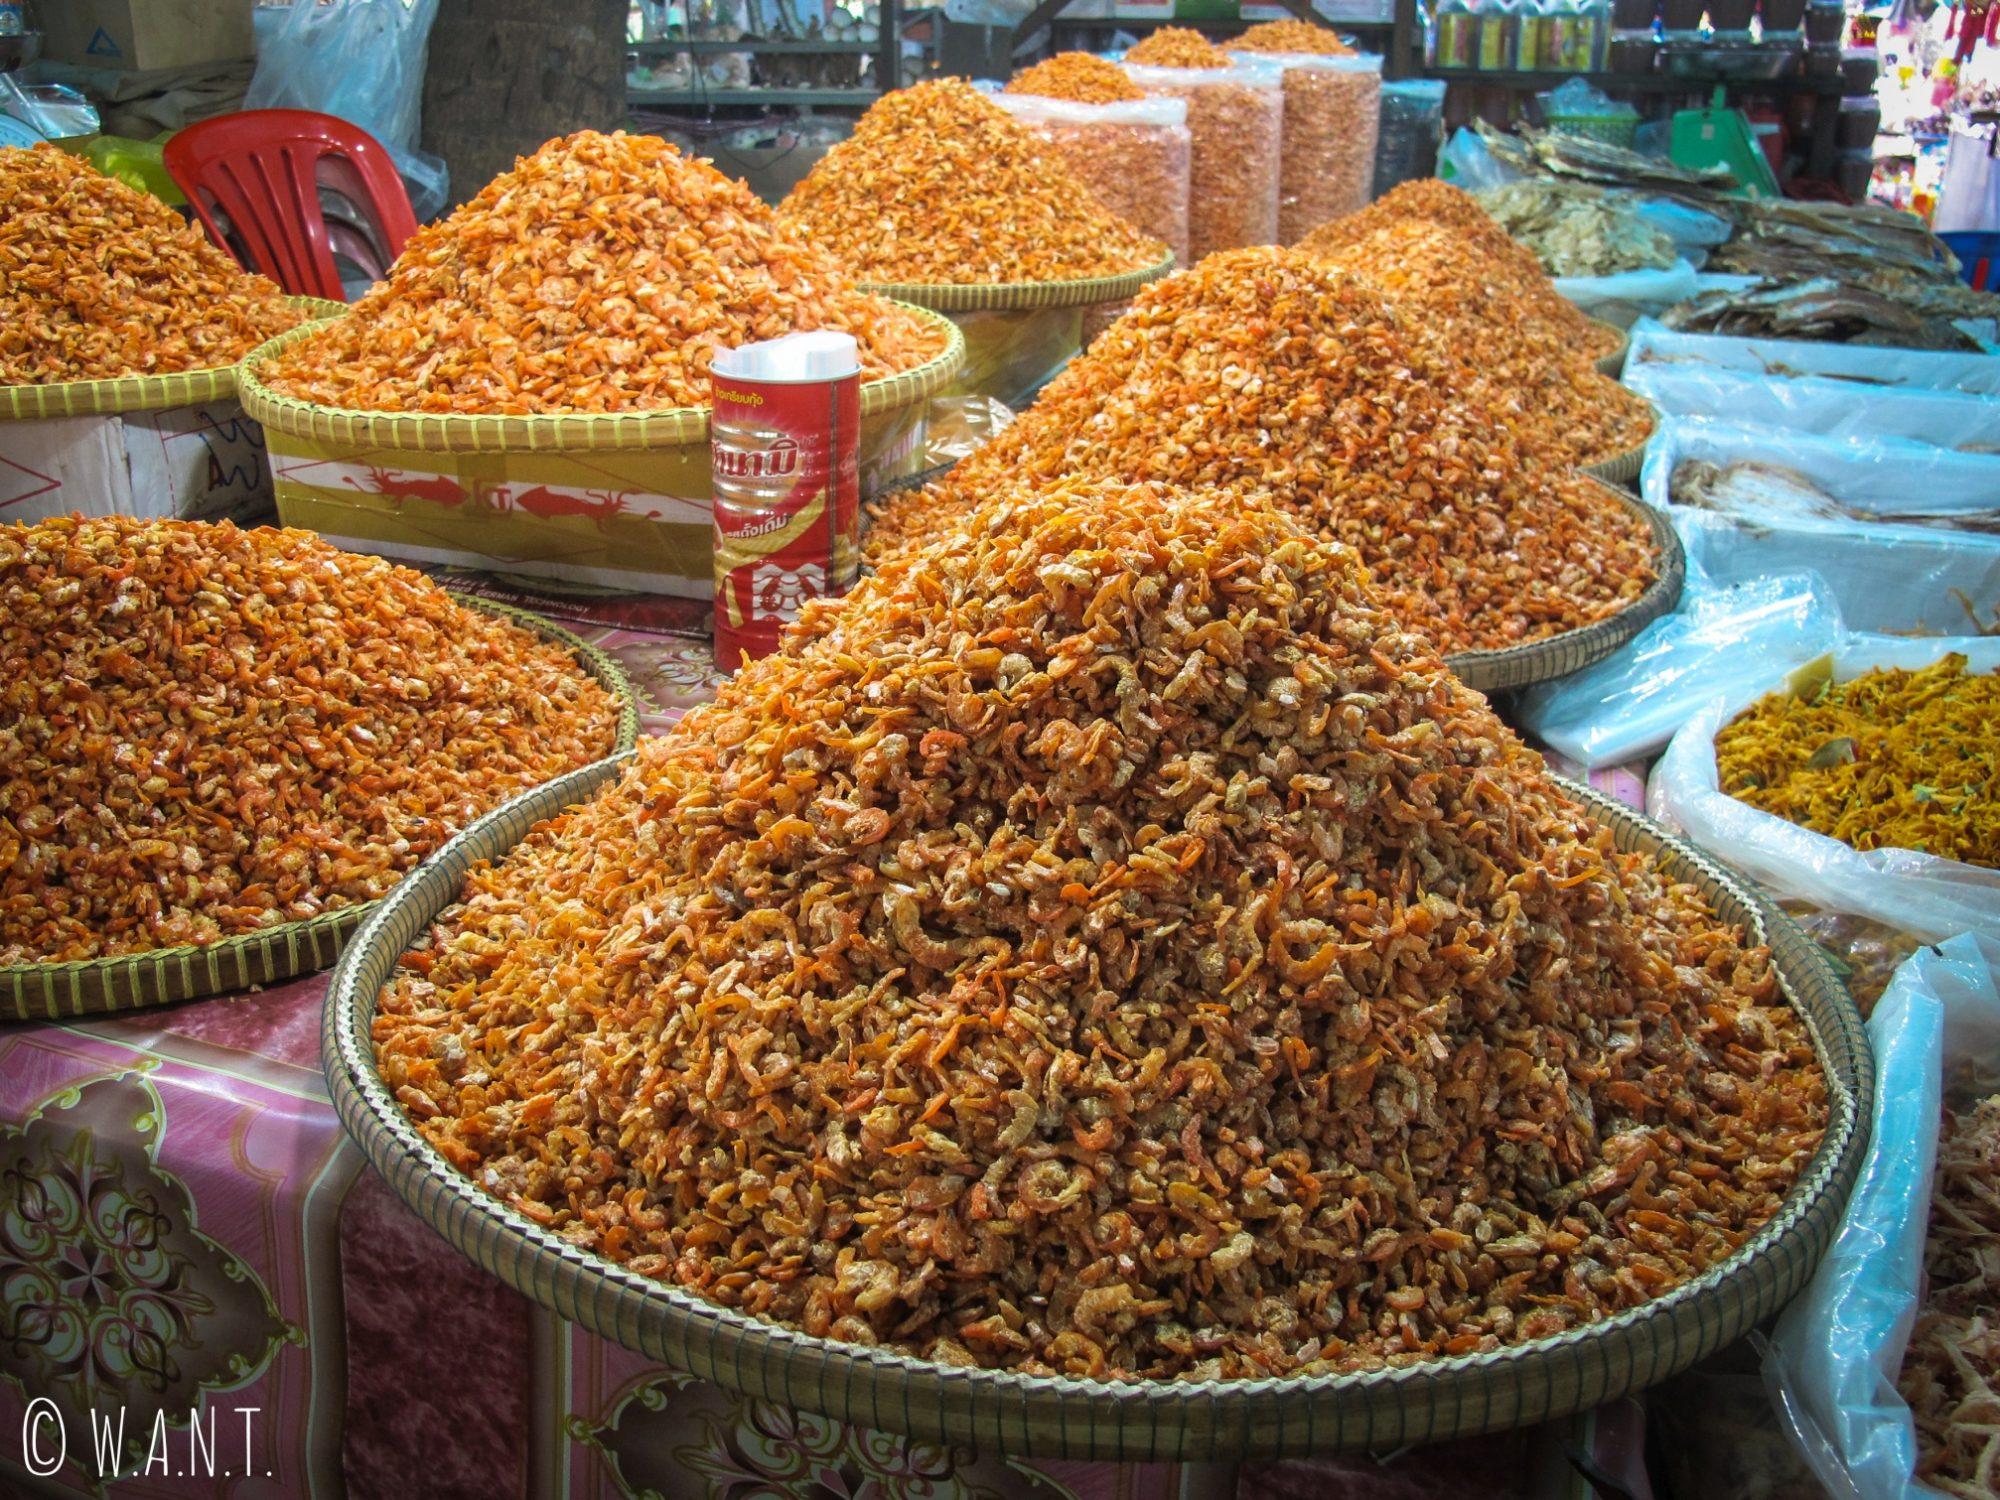 Étal de crevettes séchées sur le marché aux crabes de Kep